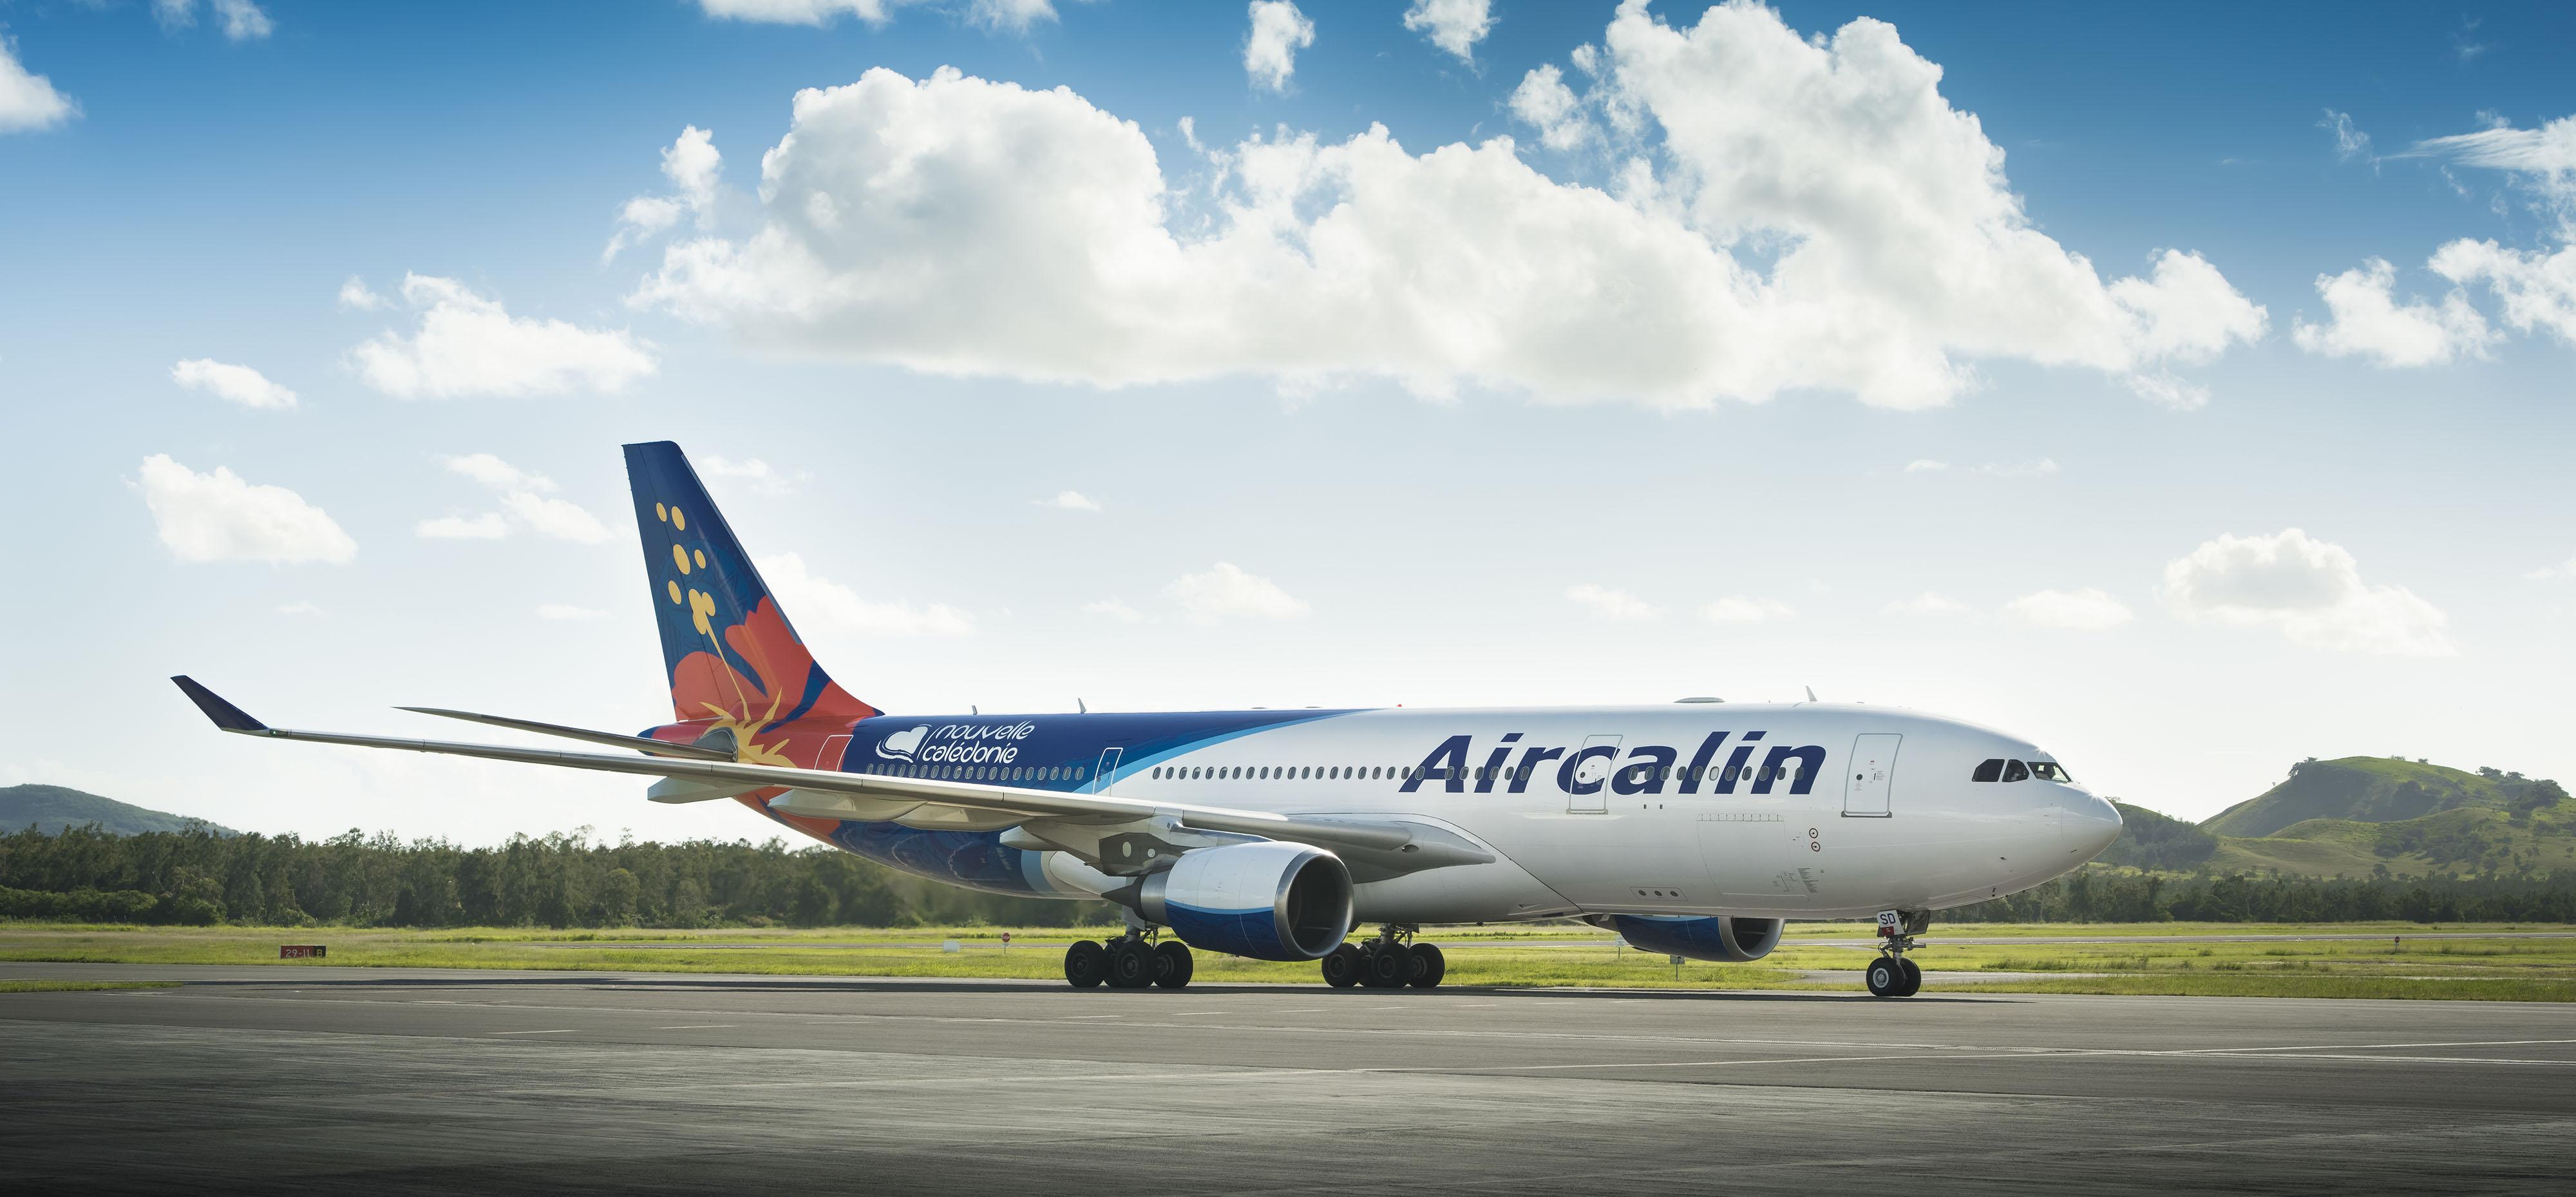 Le vol d'Air Calin retardé